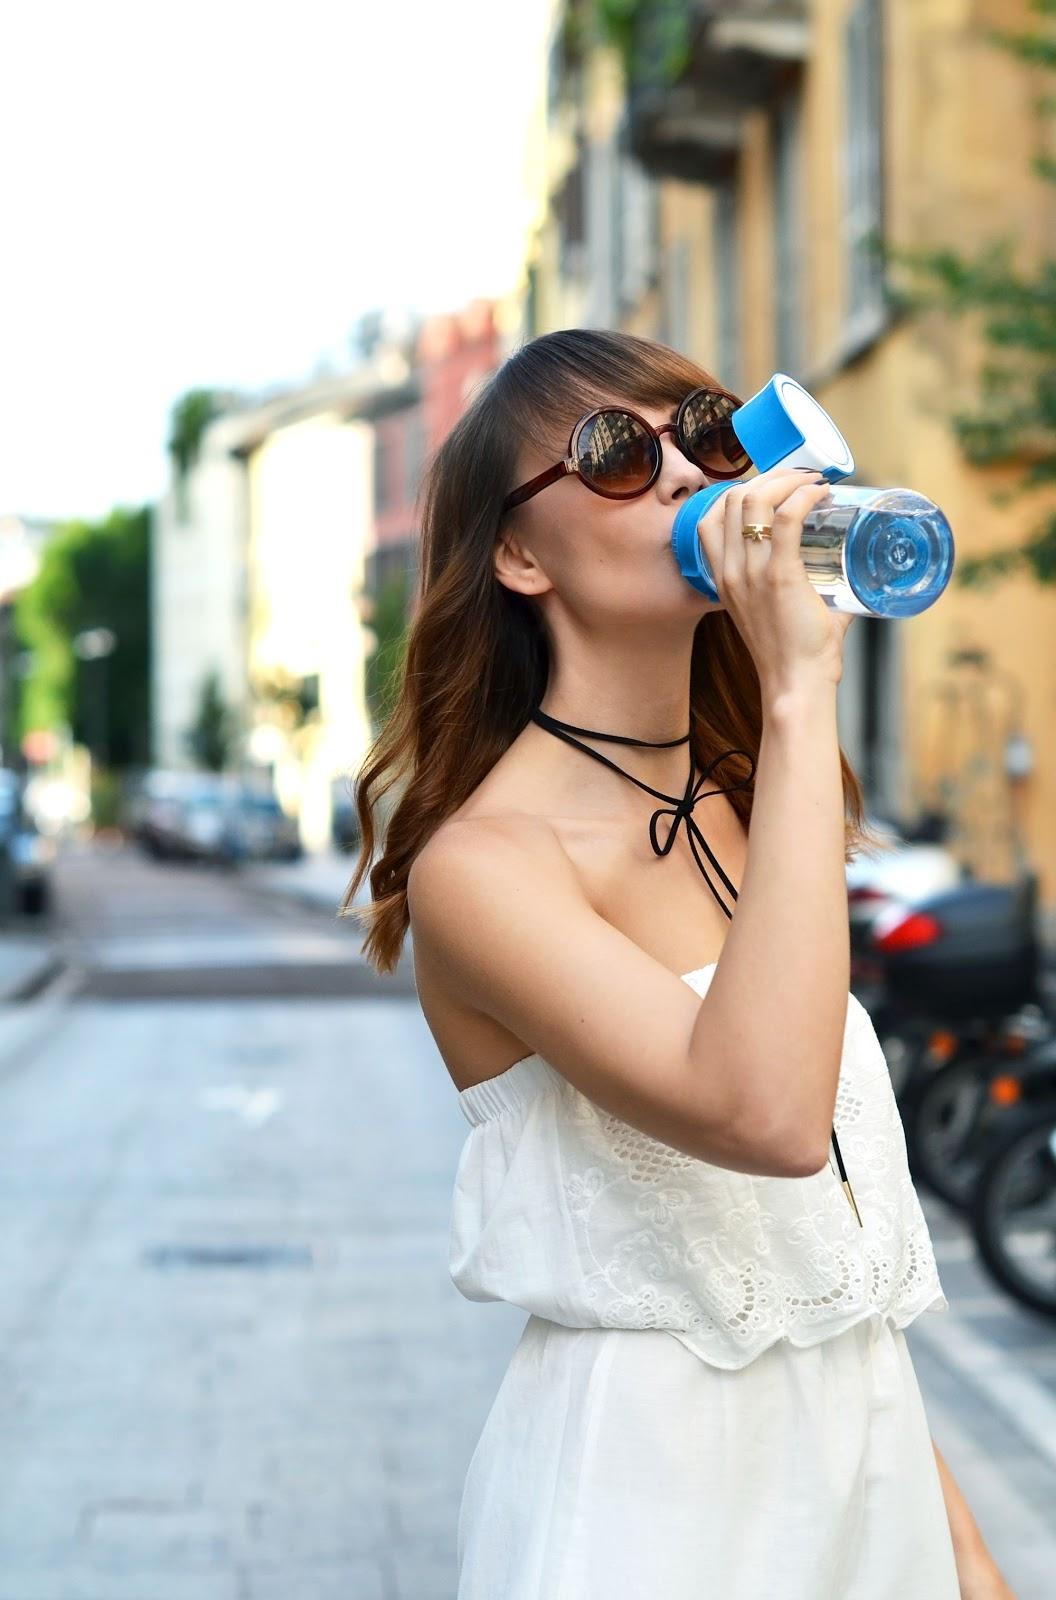 butelka brita | zalety picia wody | blog modowy krakow